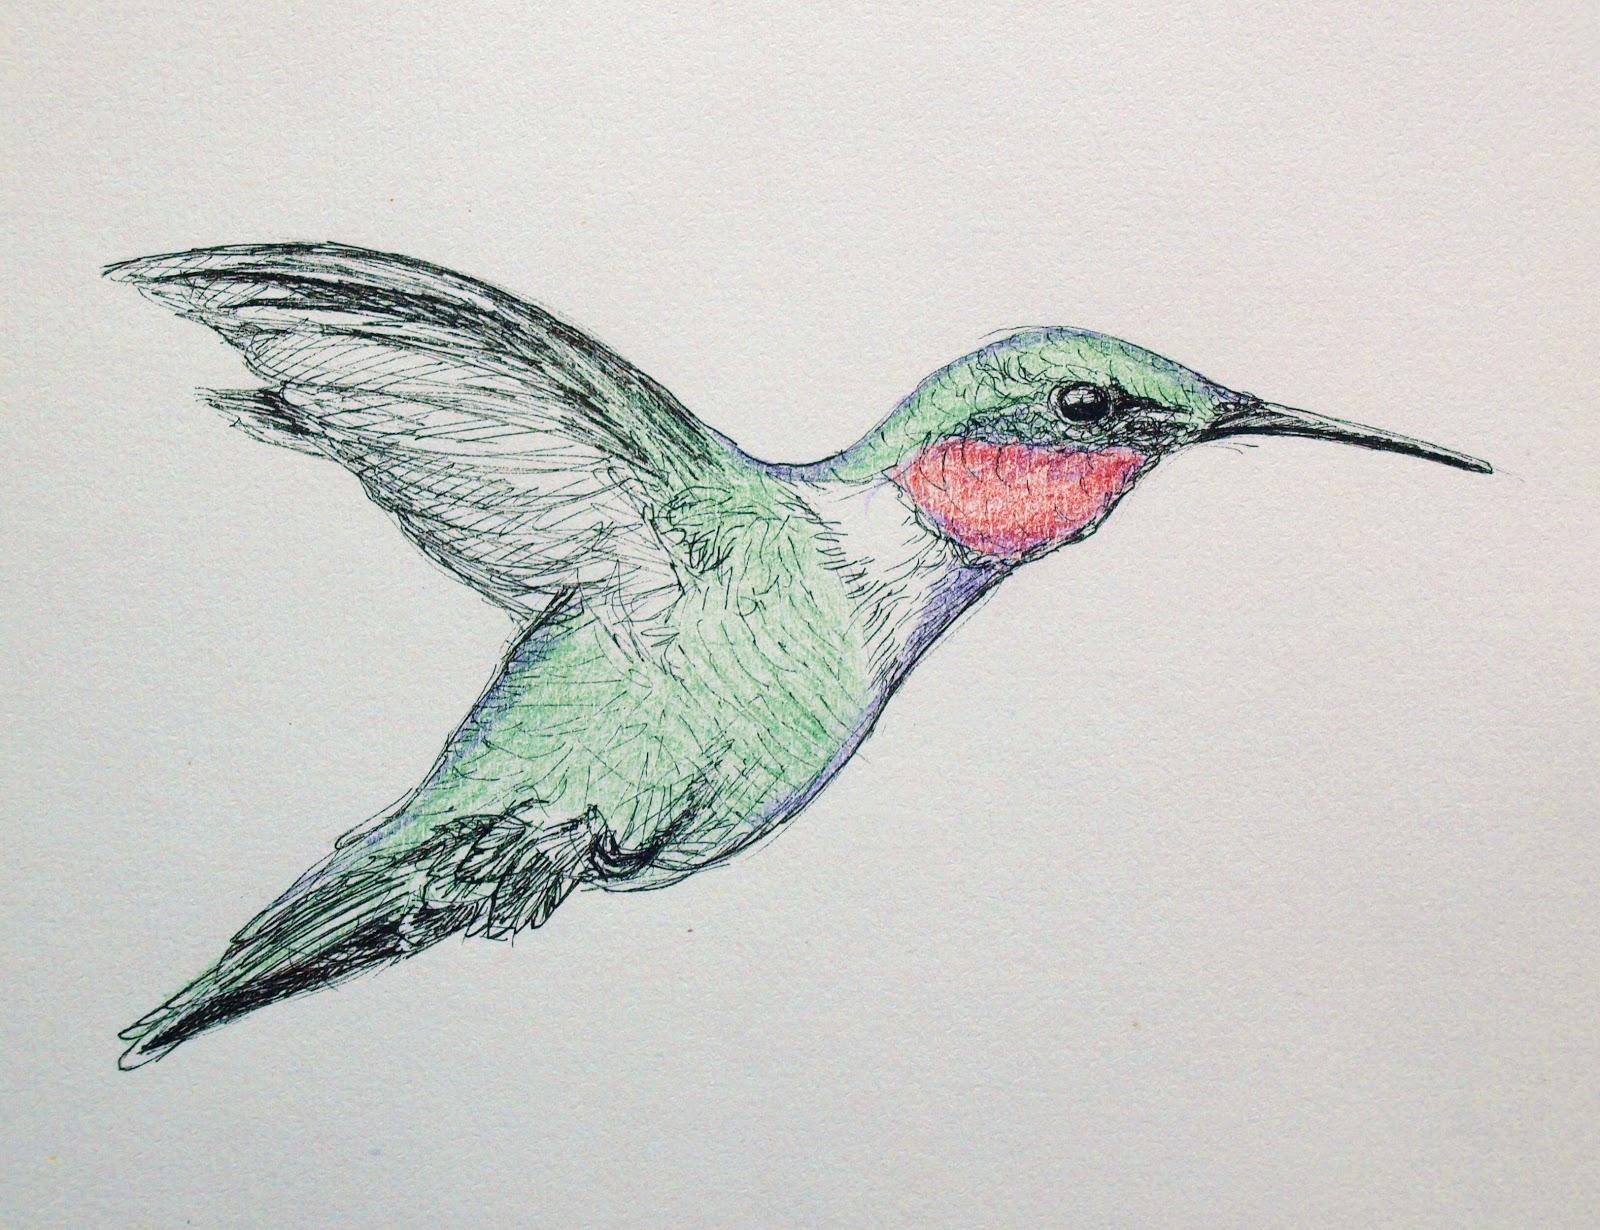 1600x1230 Artiqueryrose Hummingbird Sketch, Ink And Pencil